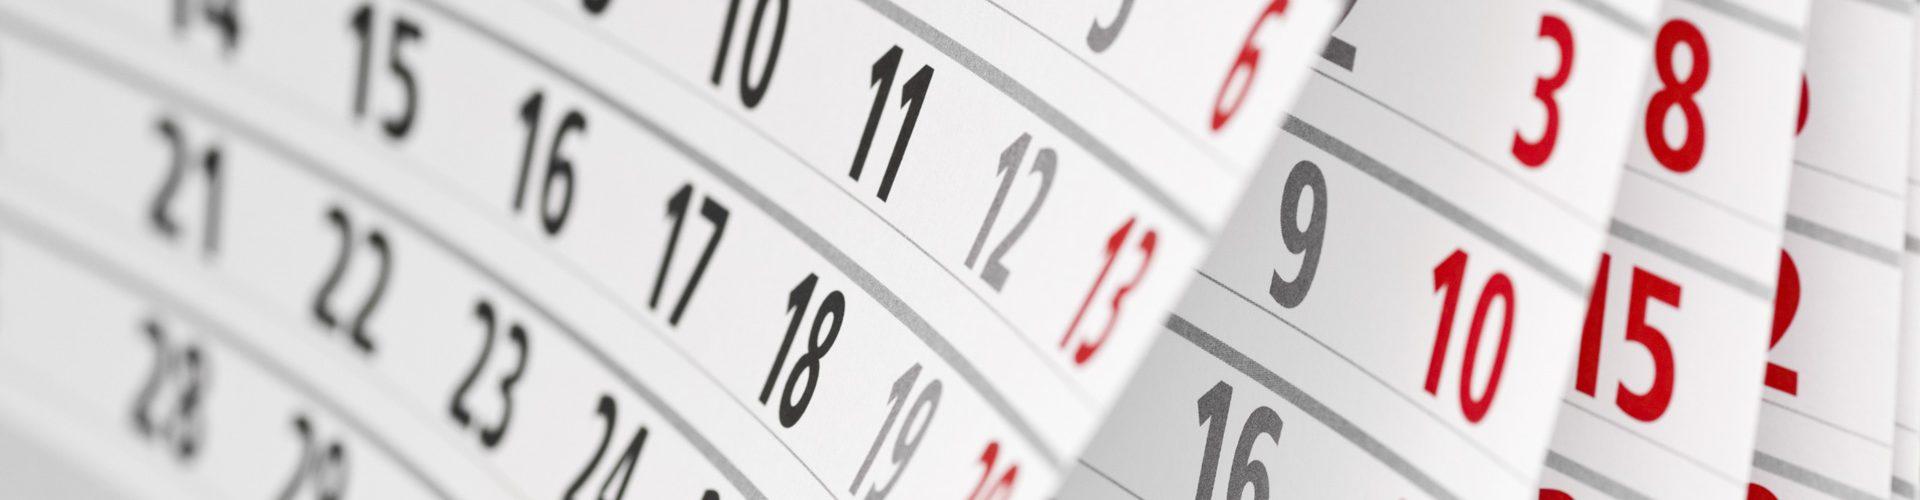 calendario_cursos_ingles